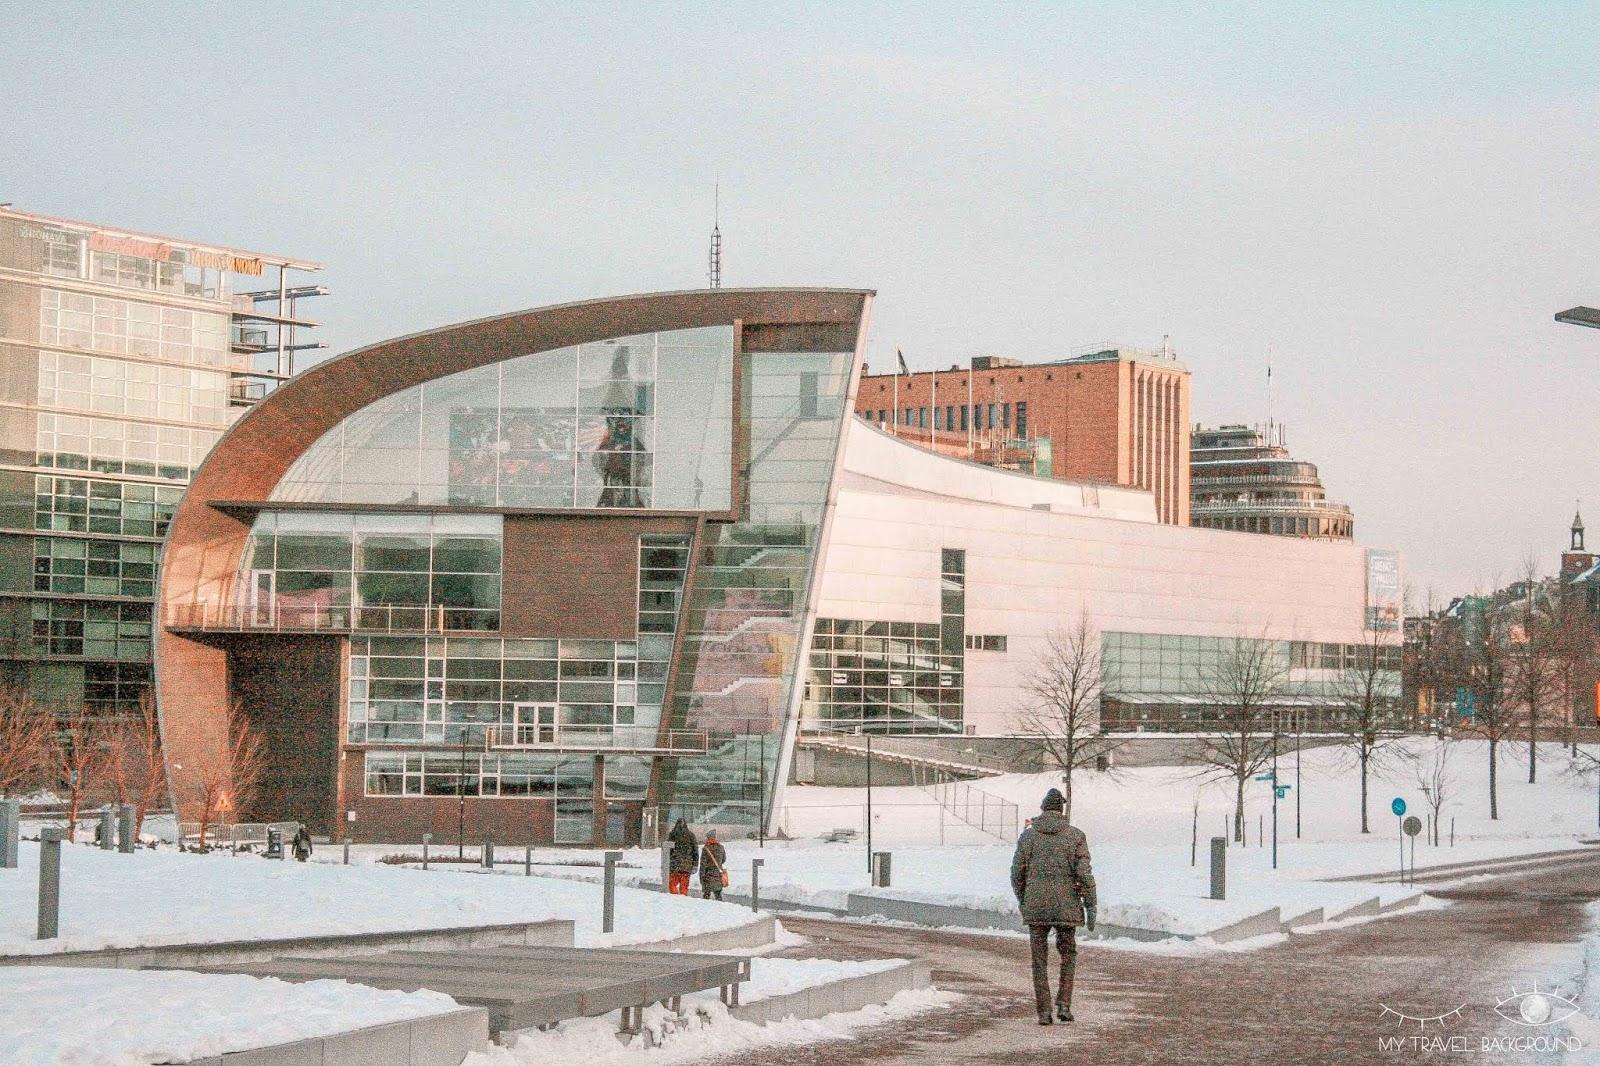 My Travel Background : 2 jours pour découvrir Helsinki, la capitale de la Finlande - Kiasma